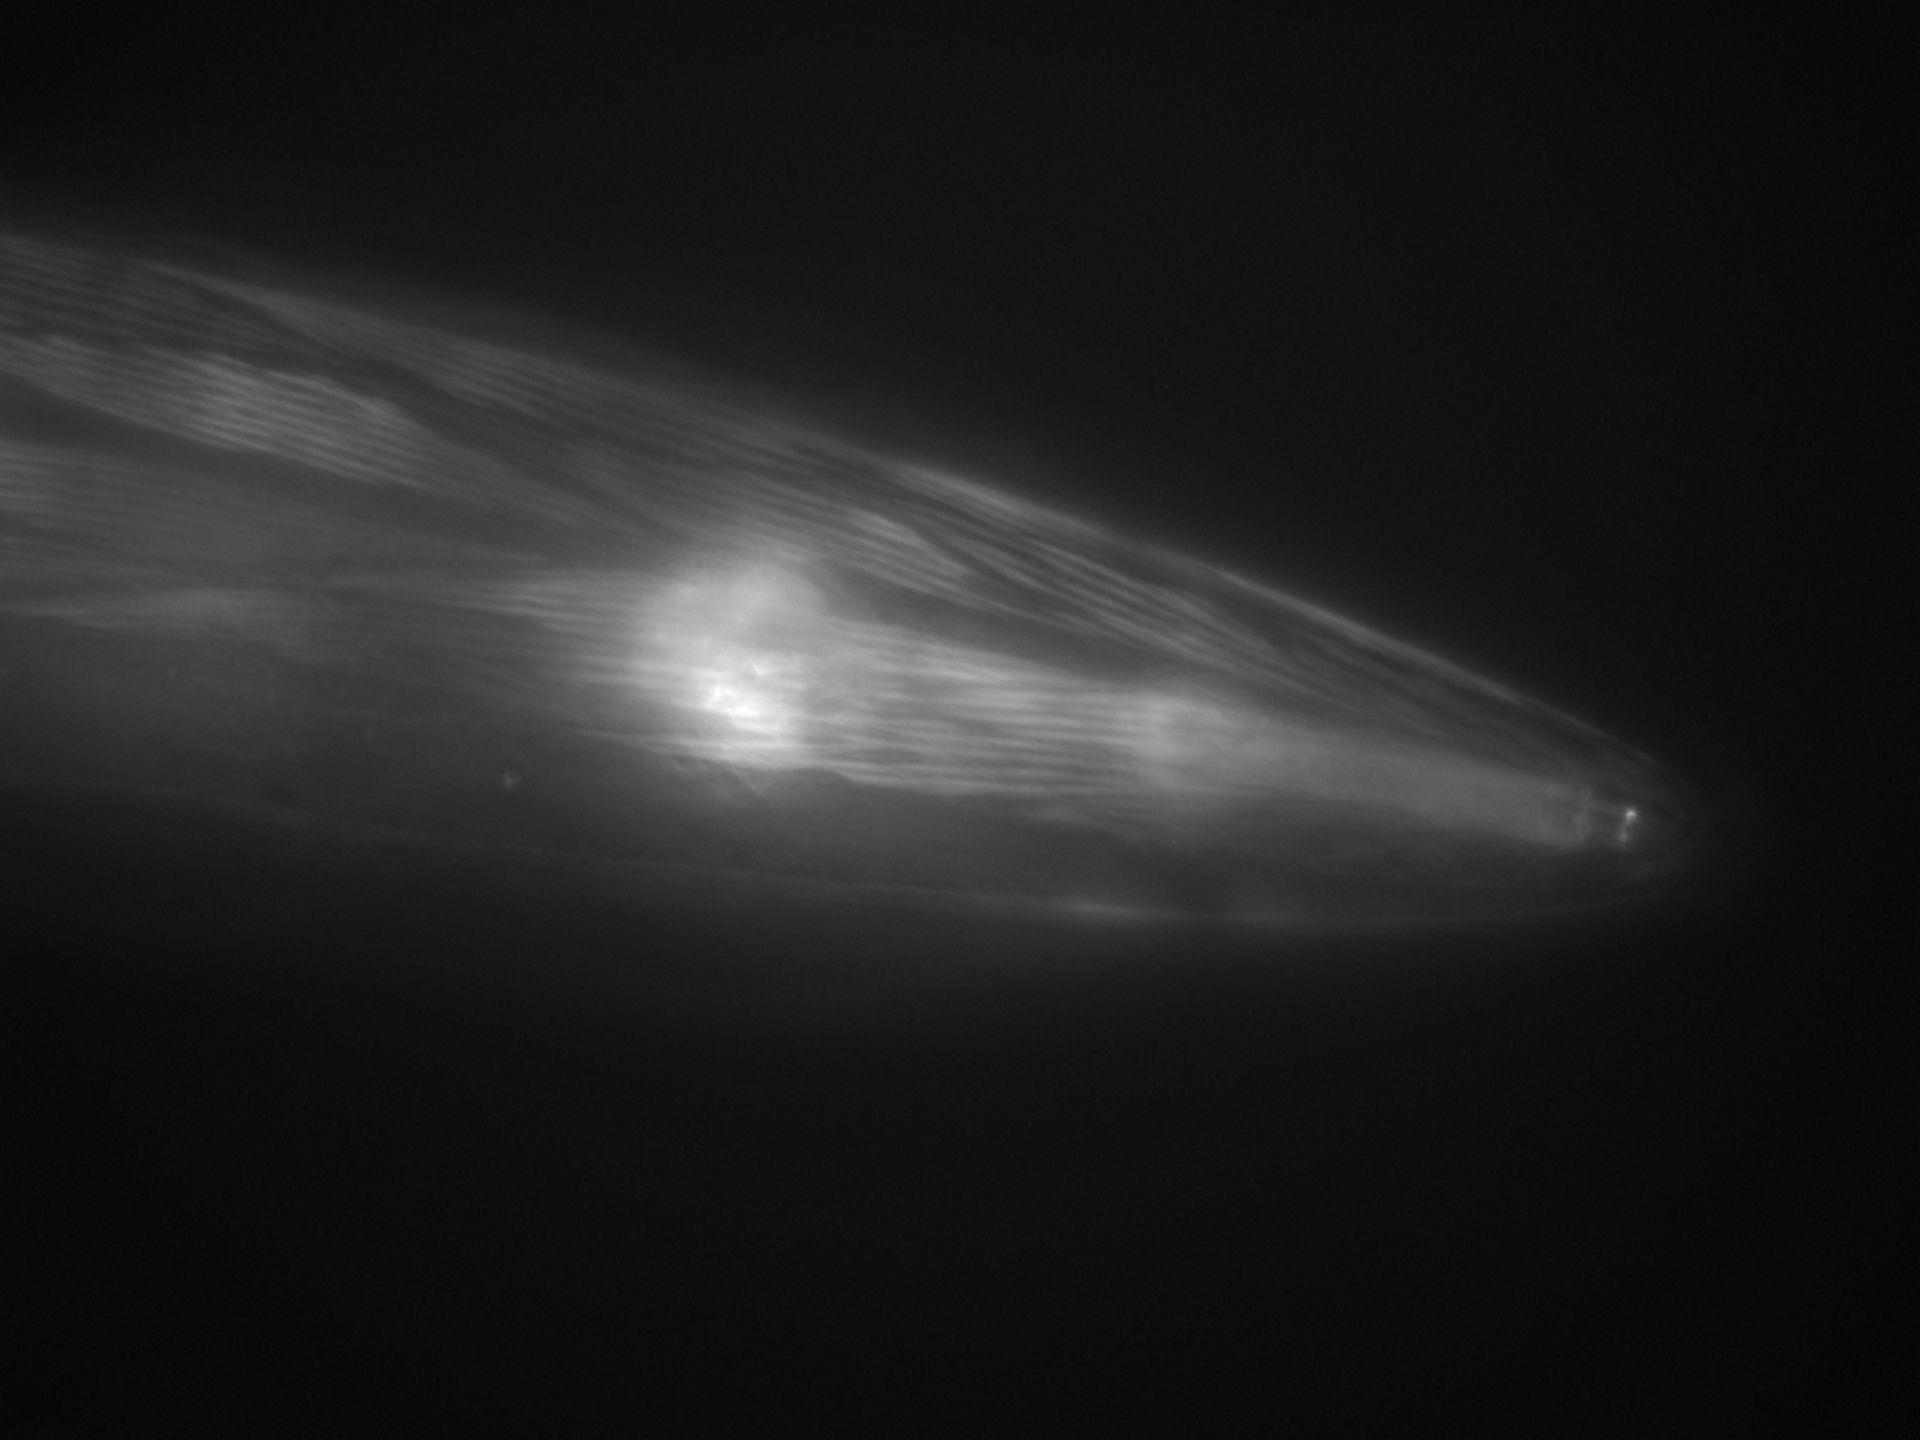 Caenorhabditis elegans (Actin filament) - CIL:1282